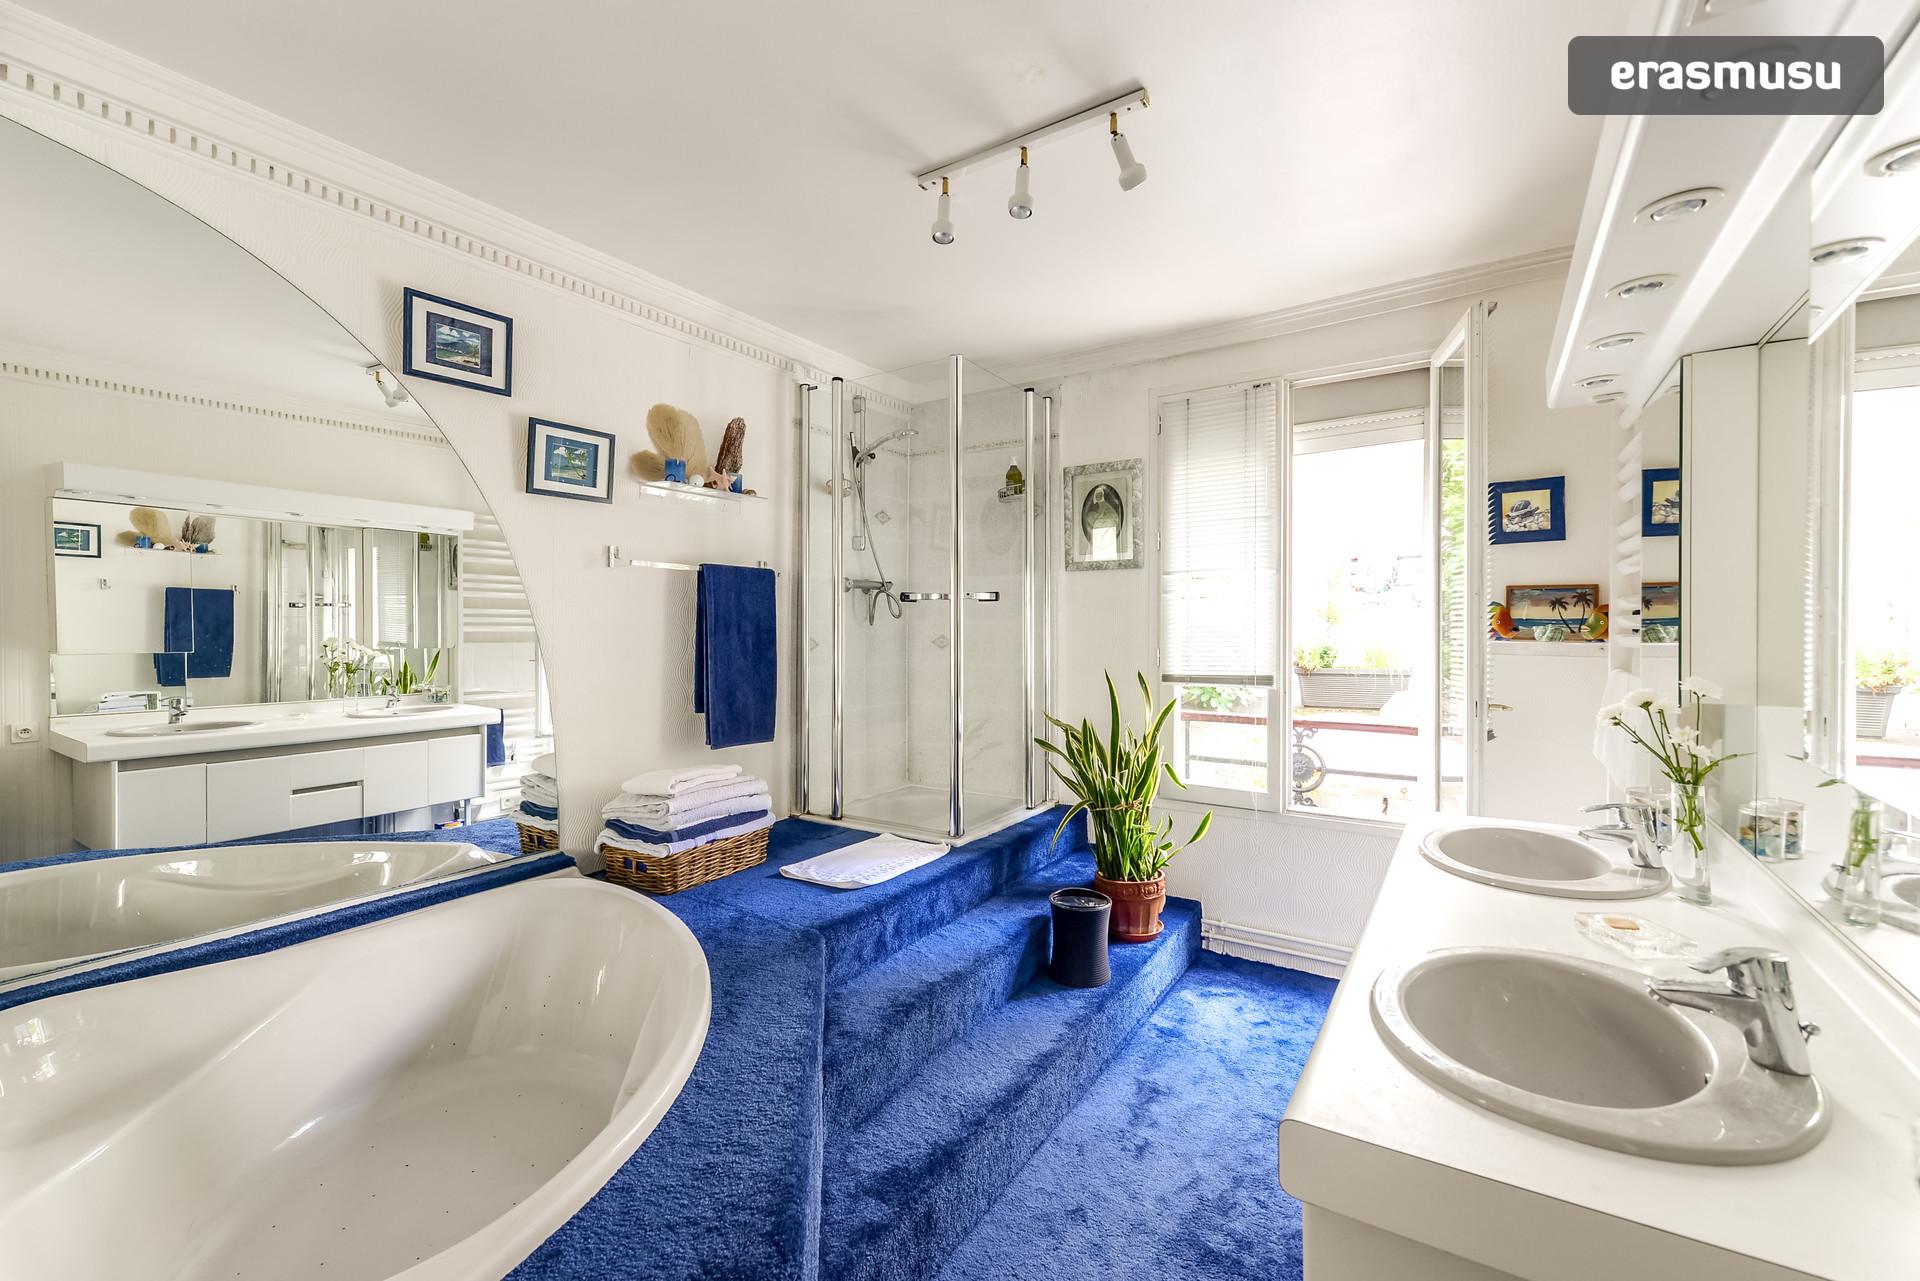 Chambre individuelle avec salle de bain privée et toilette privées ...